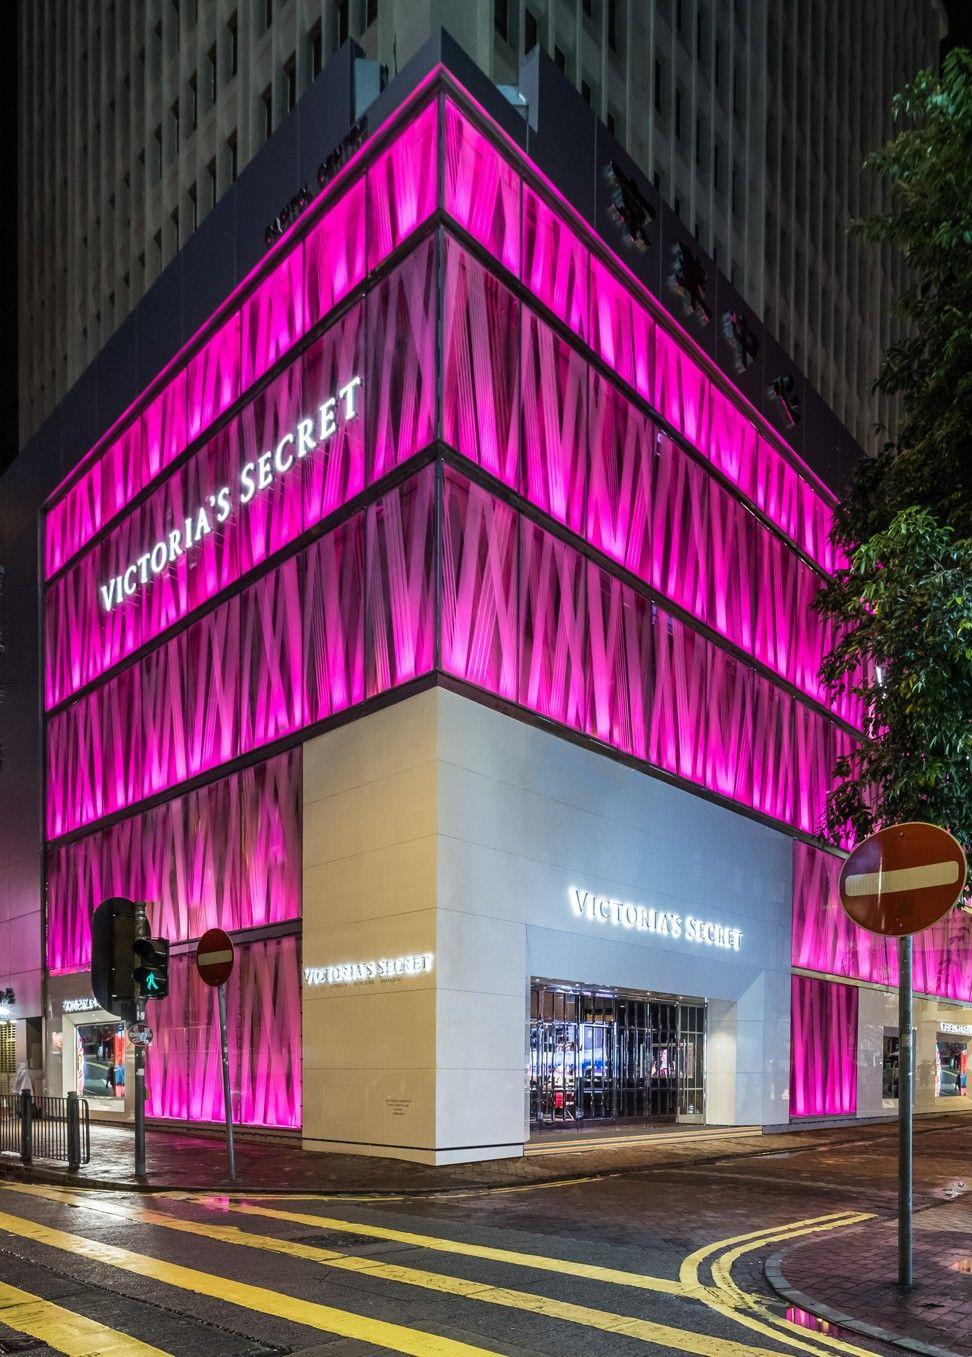 The New Victoria S Secret Store In Causeway Bay Victoria Secret Pink Store Victoria Secret Shops Victoria Secret Wallpaper